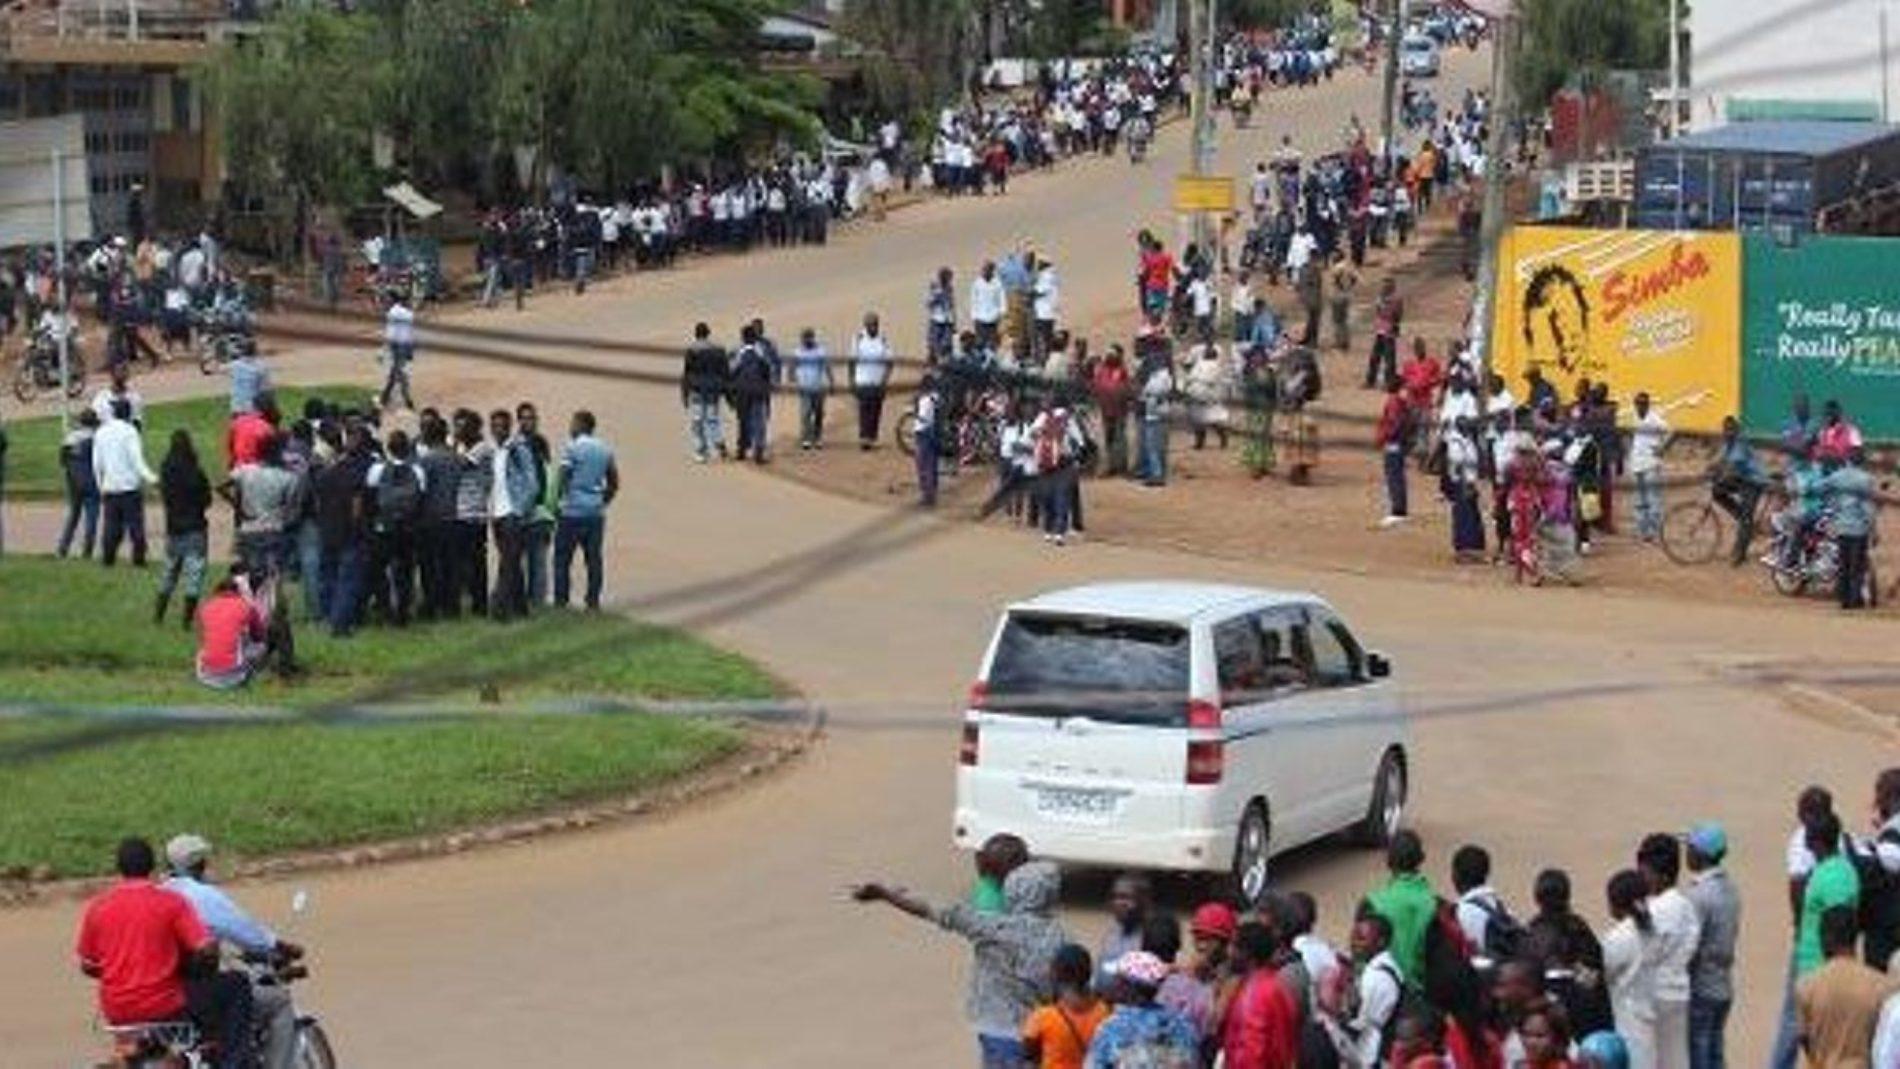 Beni (RDC) : au moins 19 personnes tuées